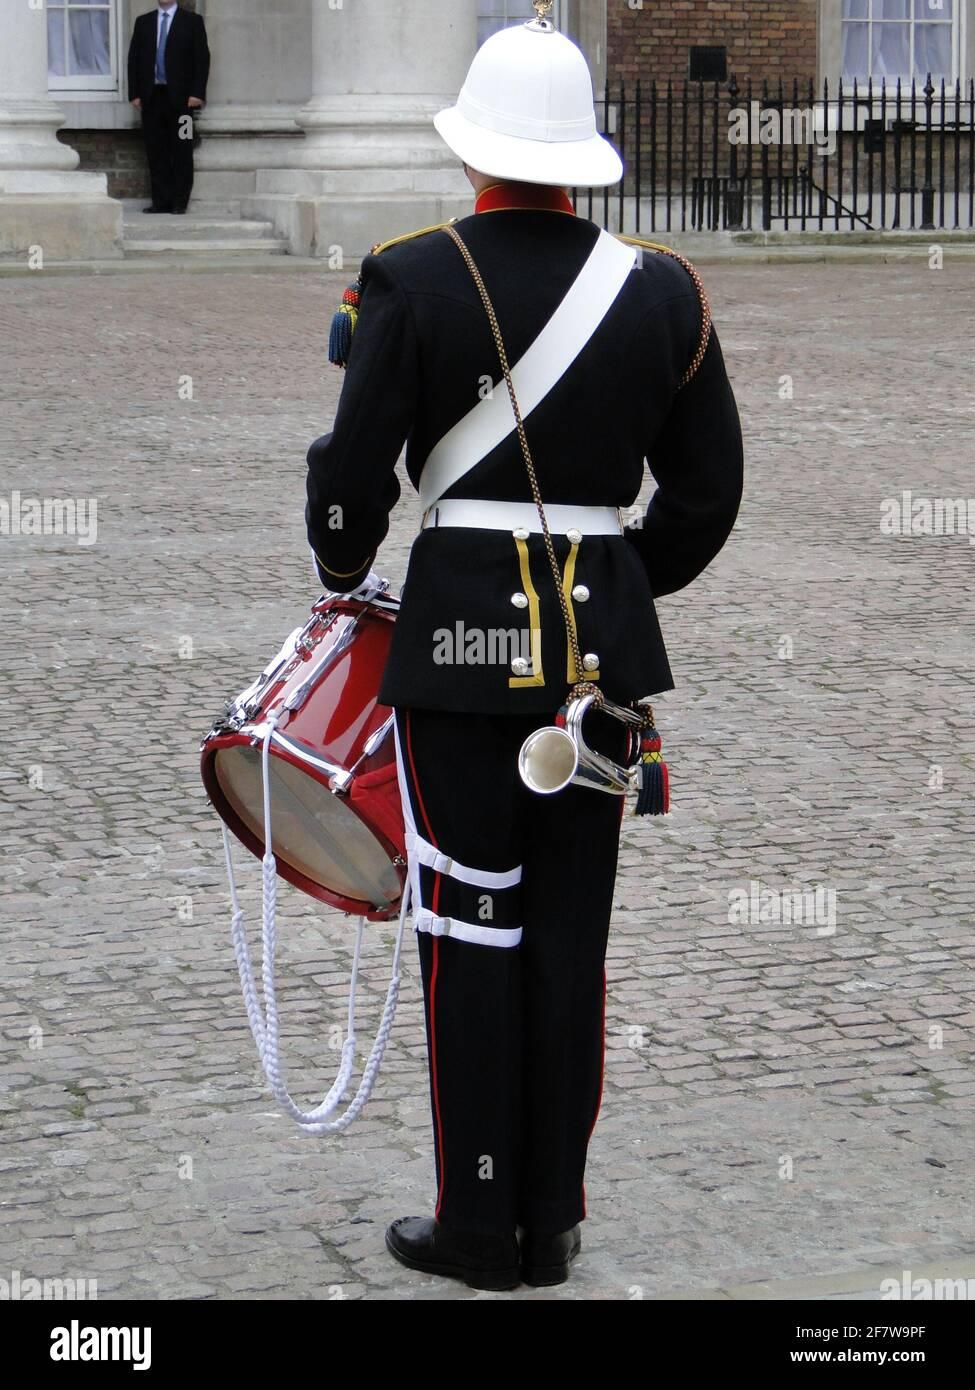 La Reine présente officiellement au duc d'Édimbourg le titre et le bureau de Lord High Admiral of the Navy à Whitehall, pour souligner son 90e anniversaire. Londres, Royaume-Uni Banque D'Images